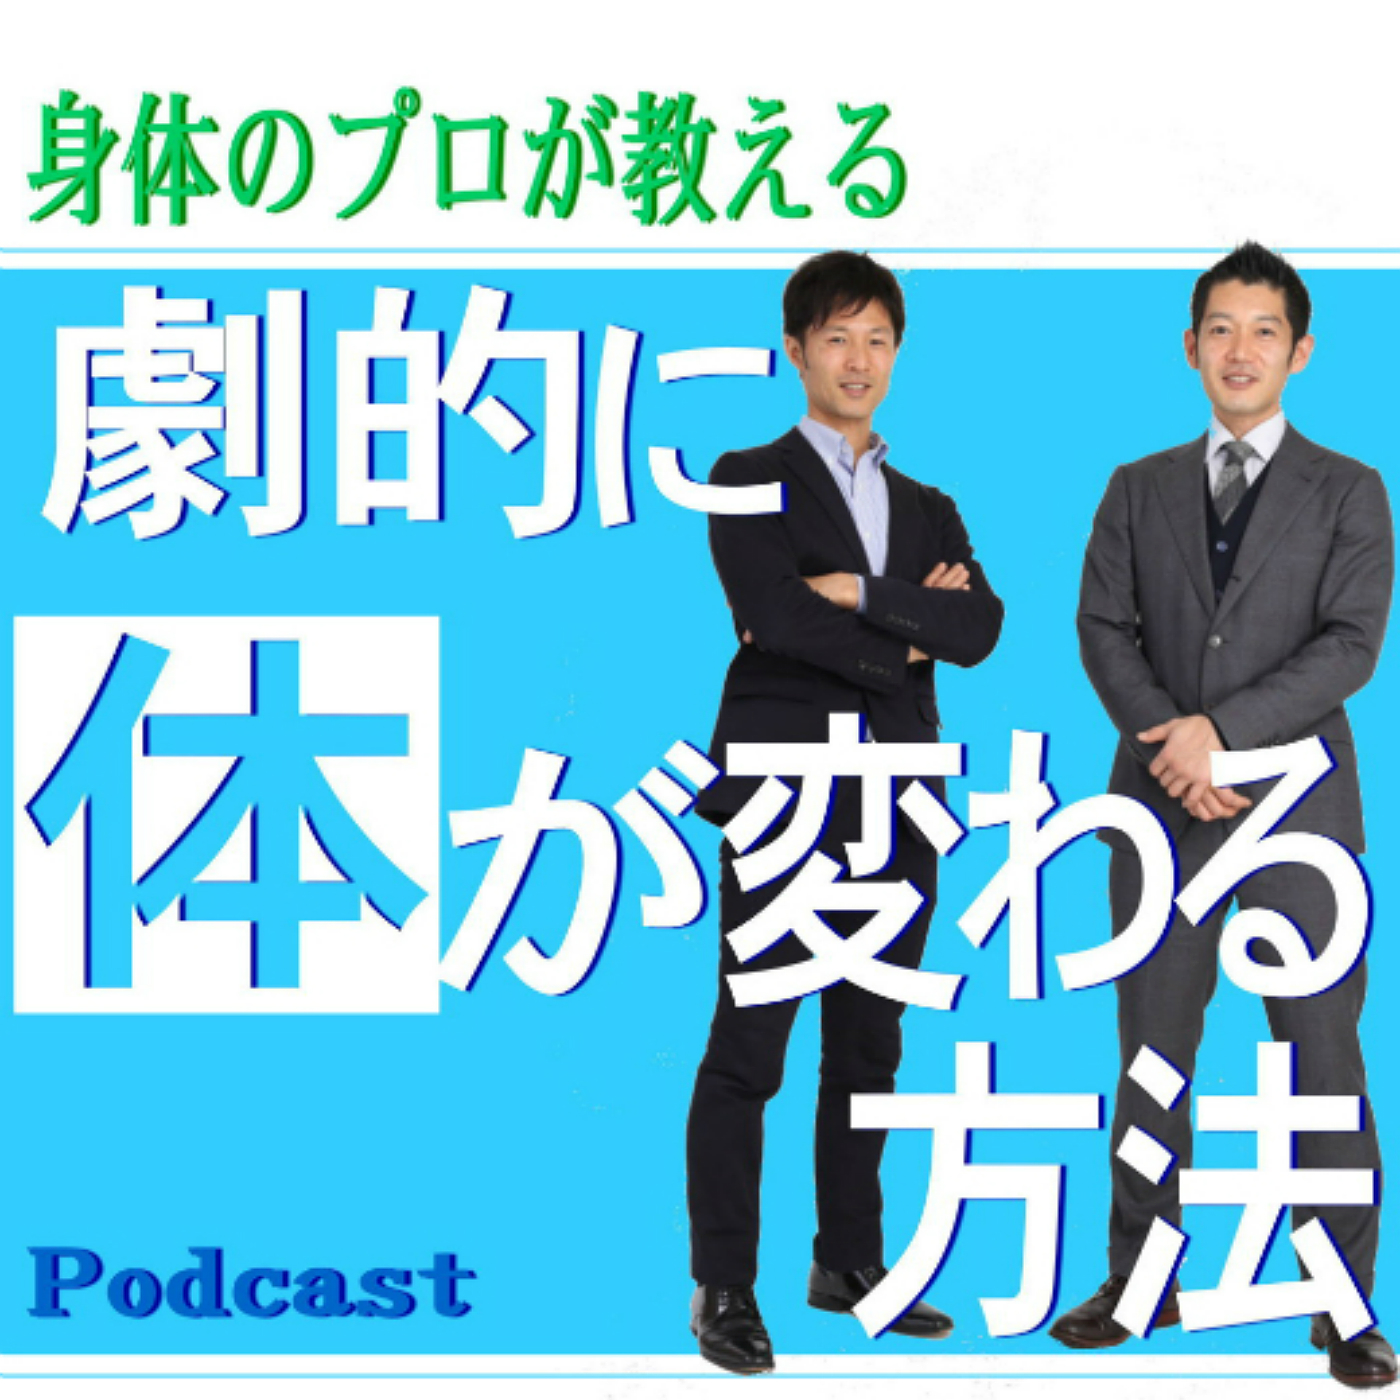 青木正儀podcastブログ